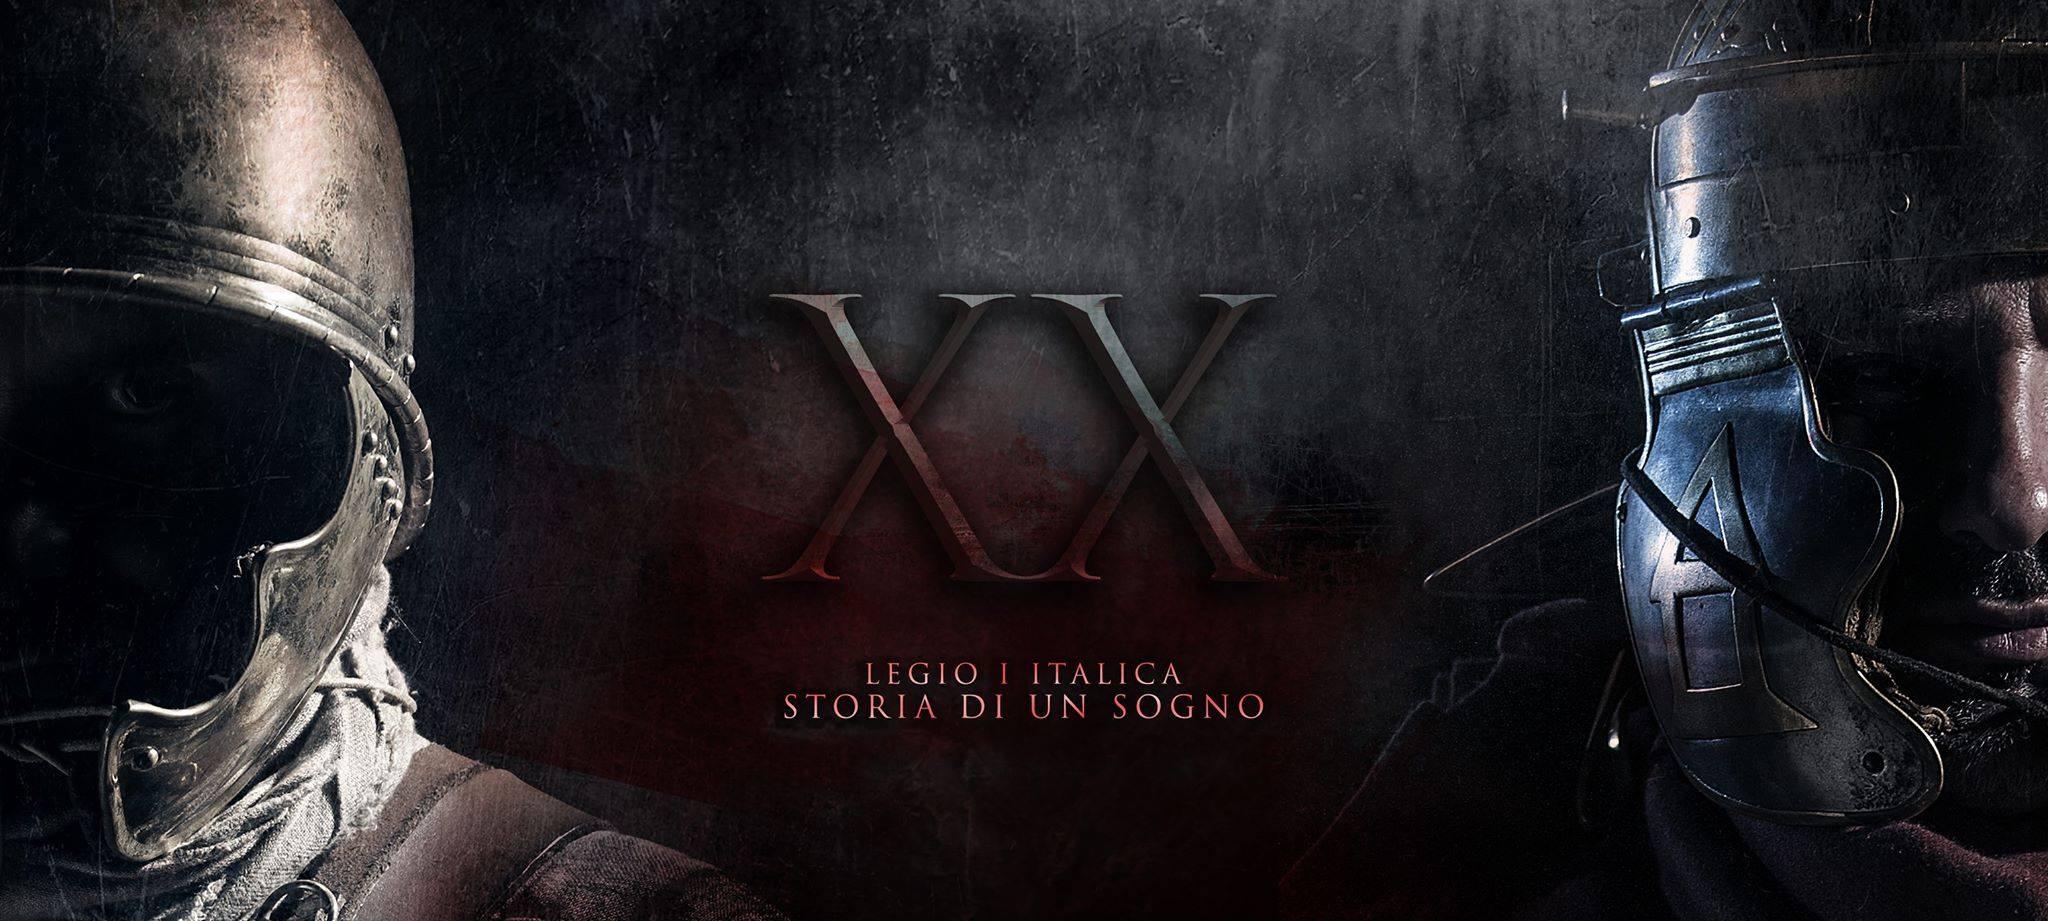 XX anno della Legio Prima Italica